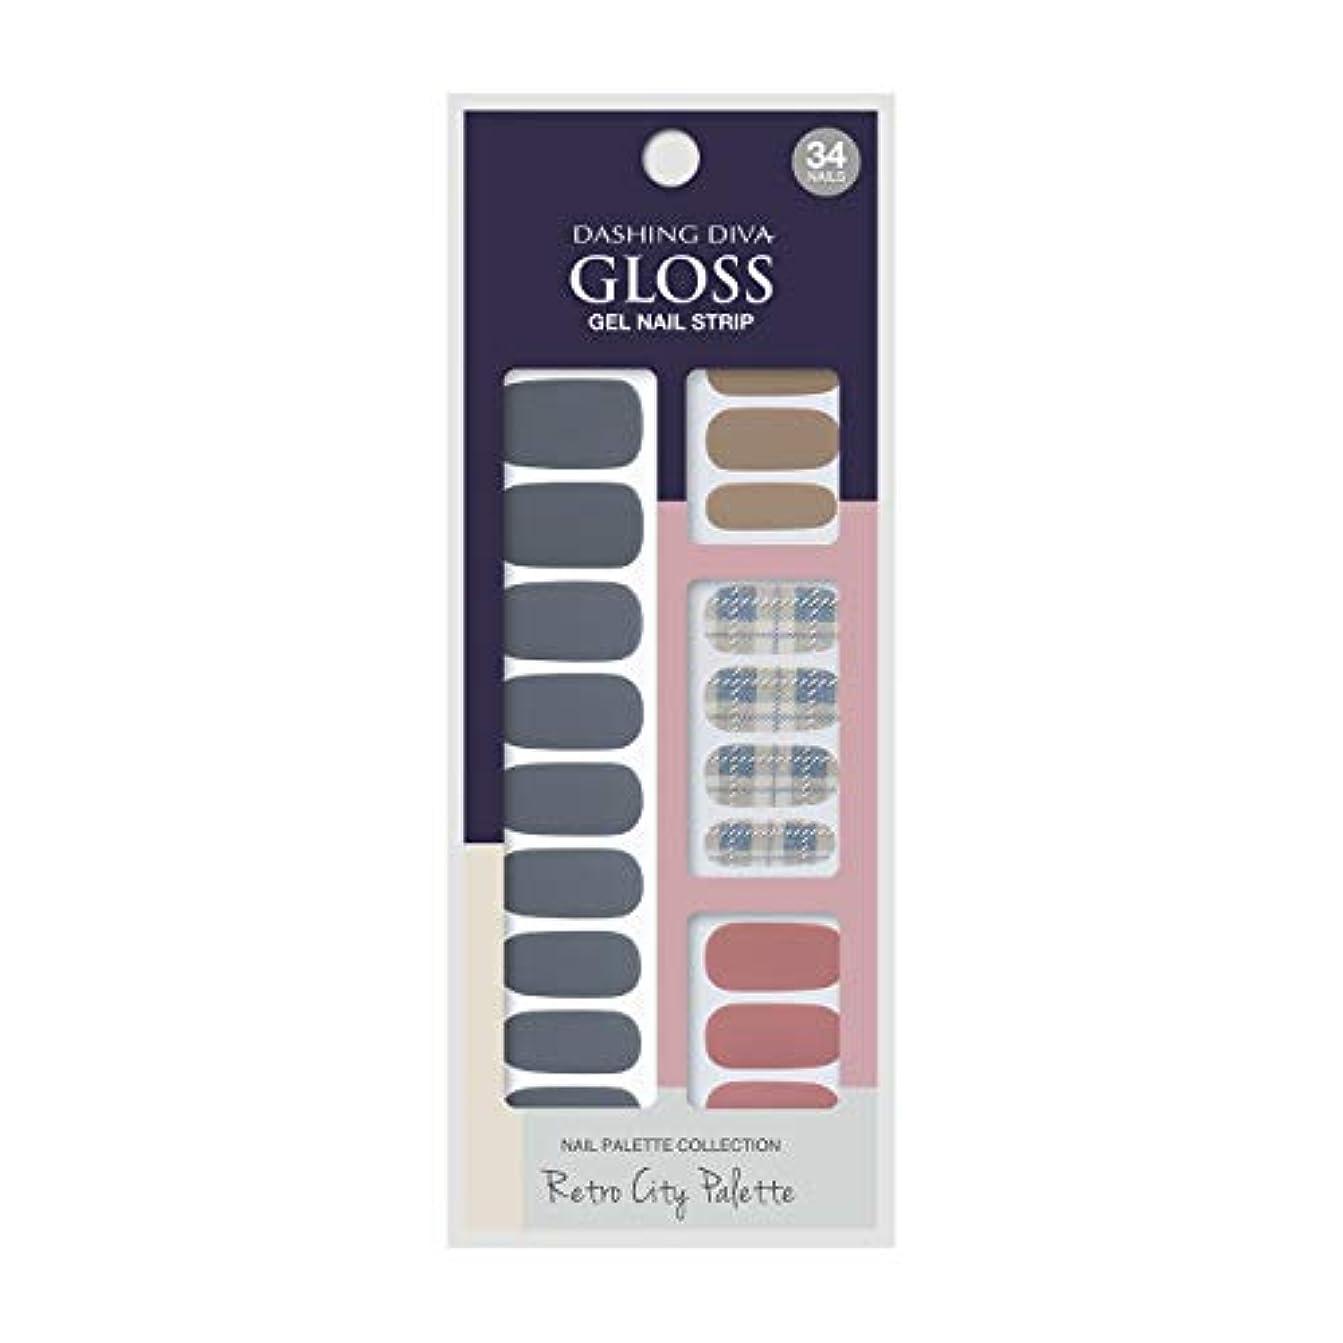 触手喜んで常識ダッシングディバ グロスジェル ネイルストリップ DASHING DIVA Gloss Gel Nail Strip GVP90 -DURY+ オリジナルジェル ネイルシール Blue Crayon